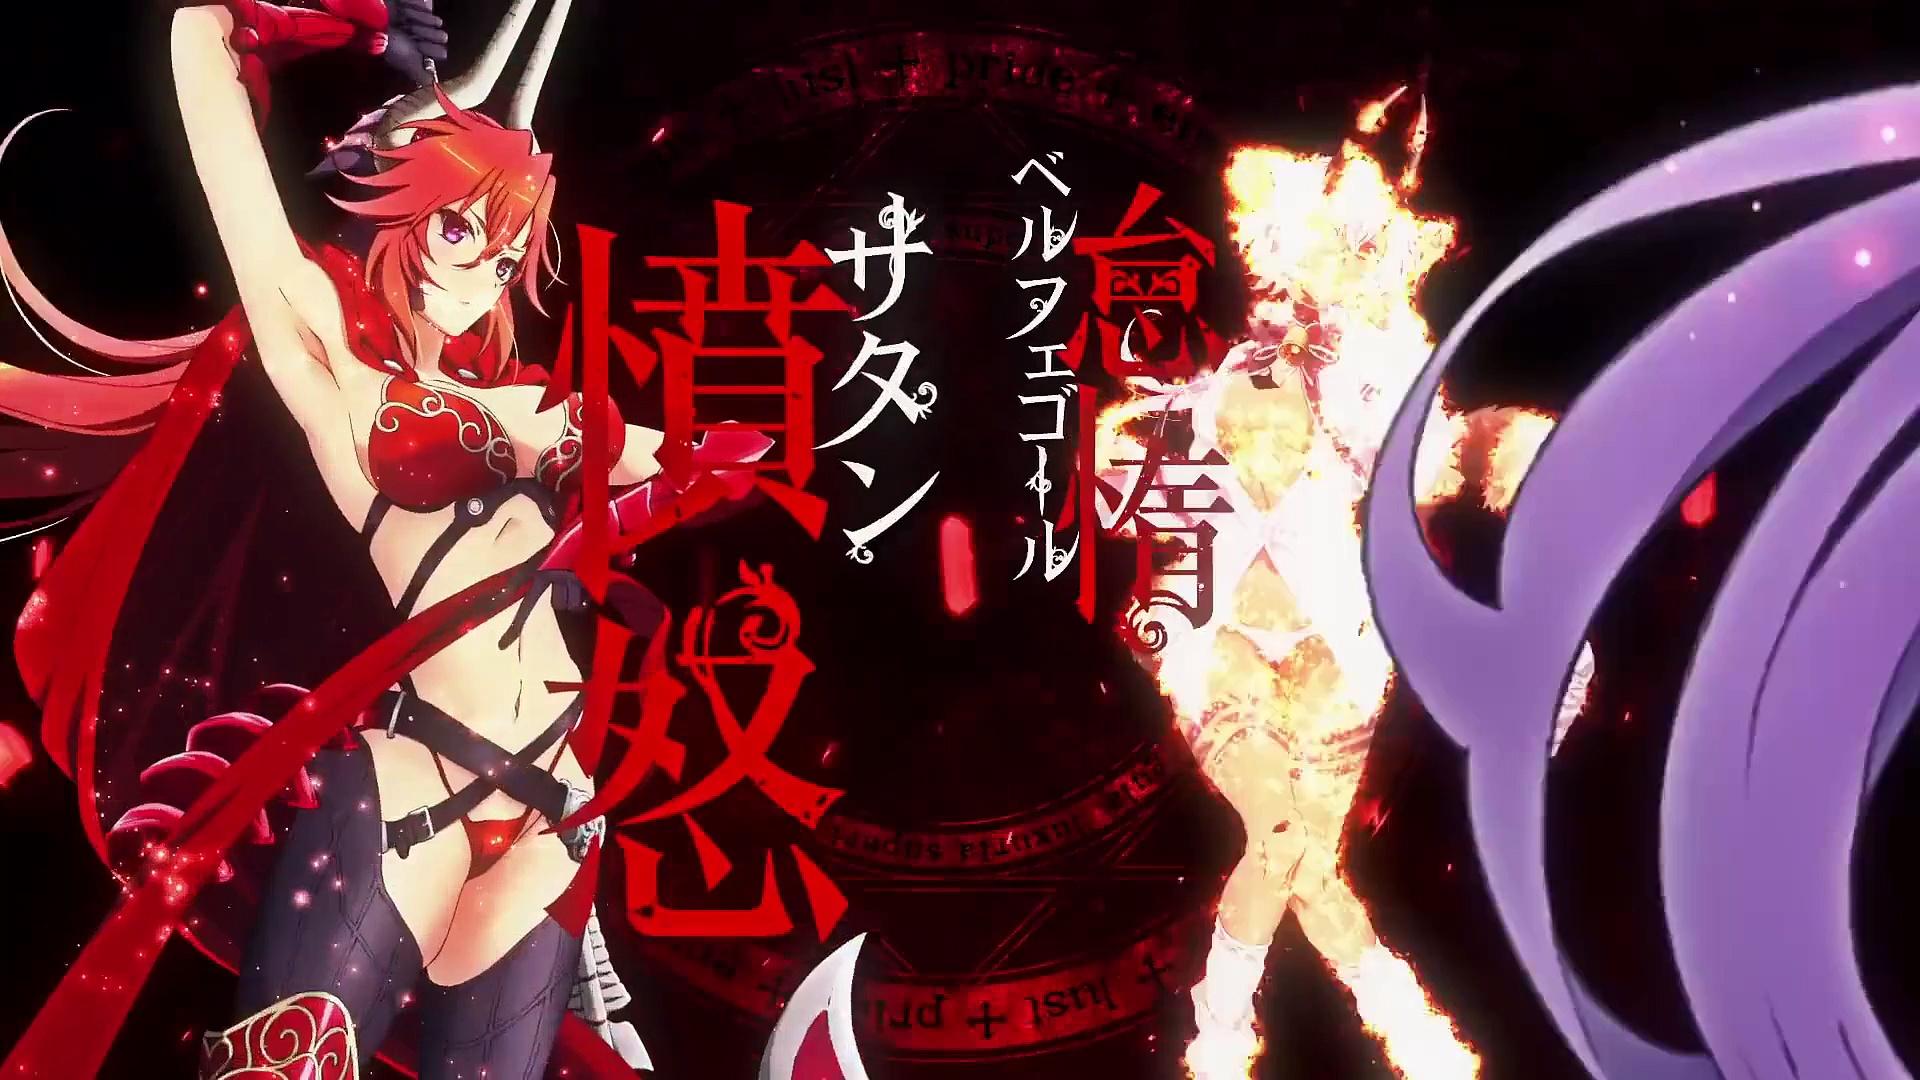 Download 6600 Koleksi Wallpaper Anime Hd Nanatsu No Taizai Paling Keren